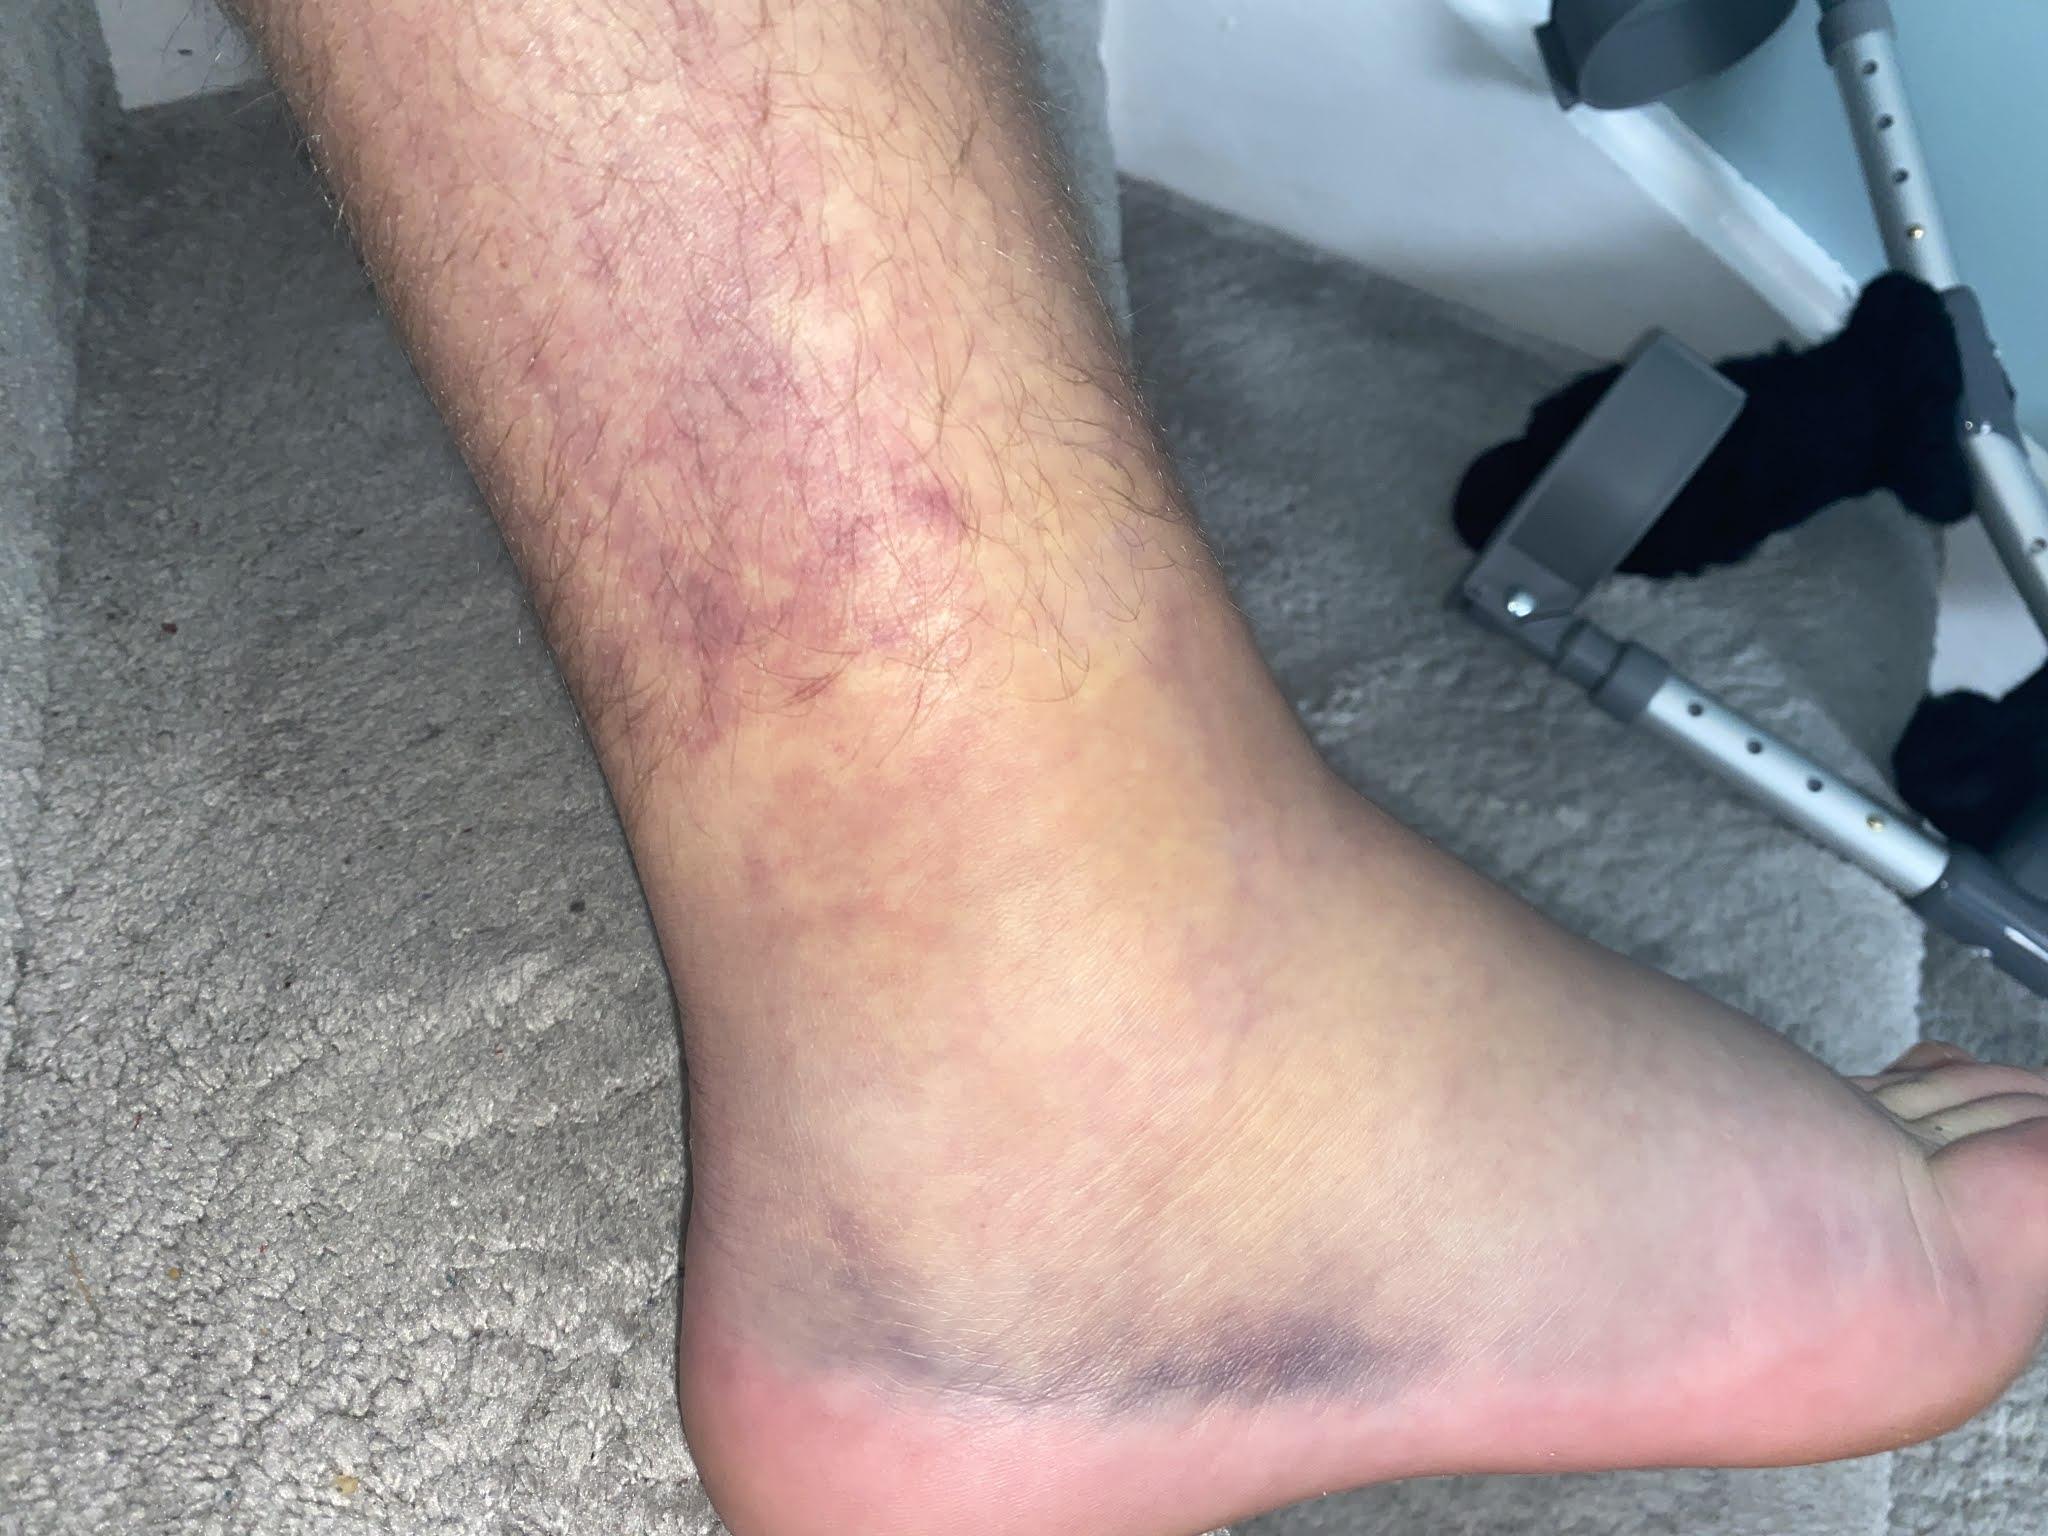 a swollen foot